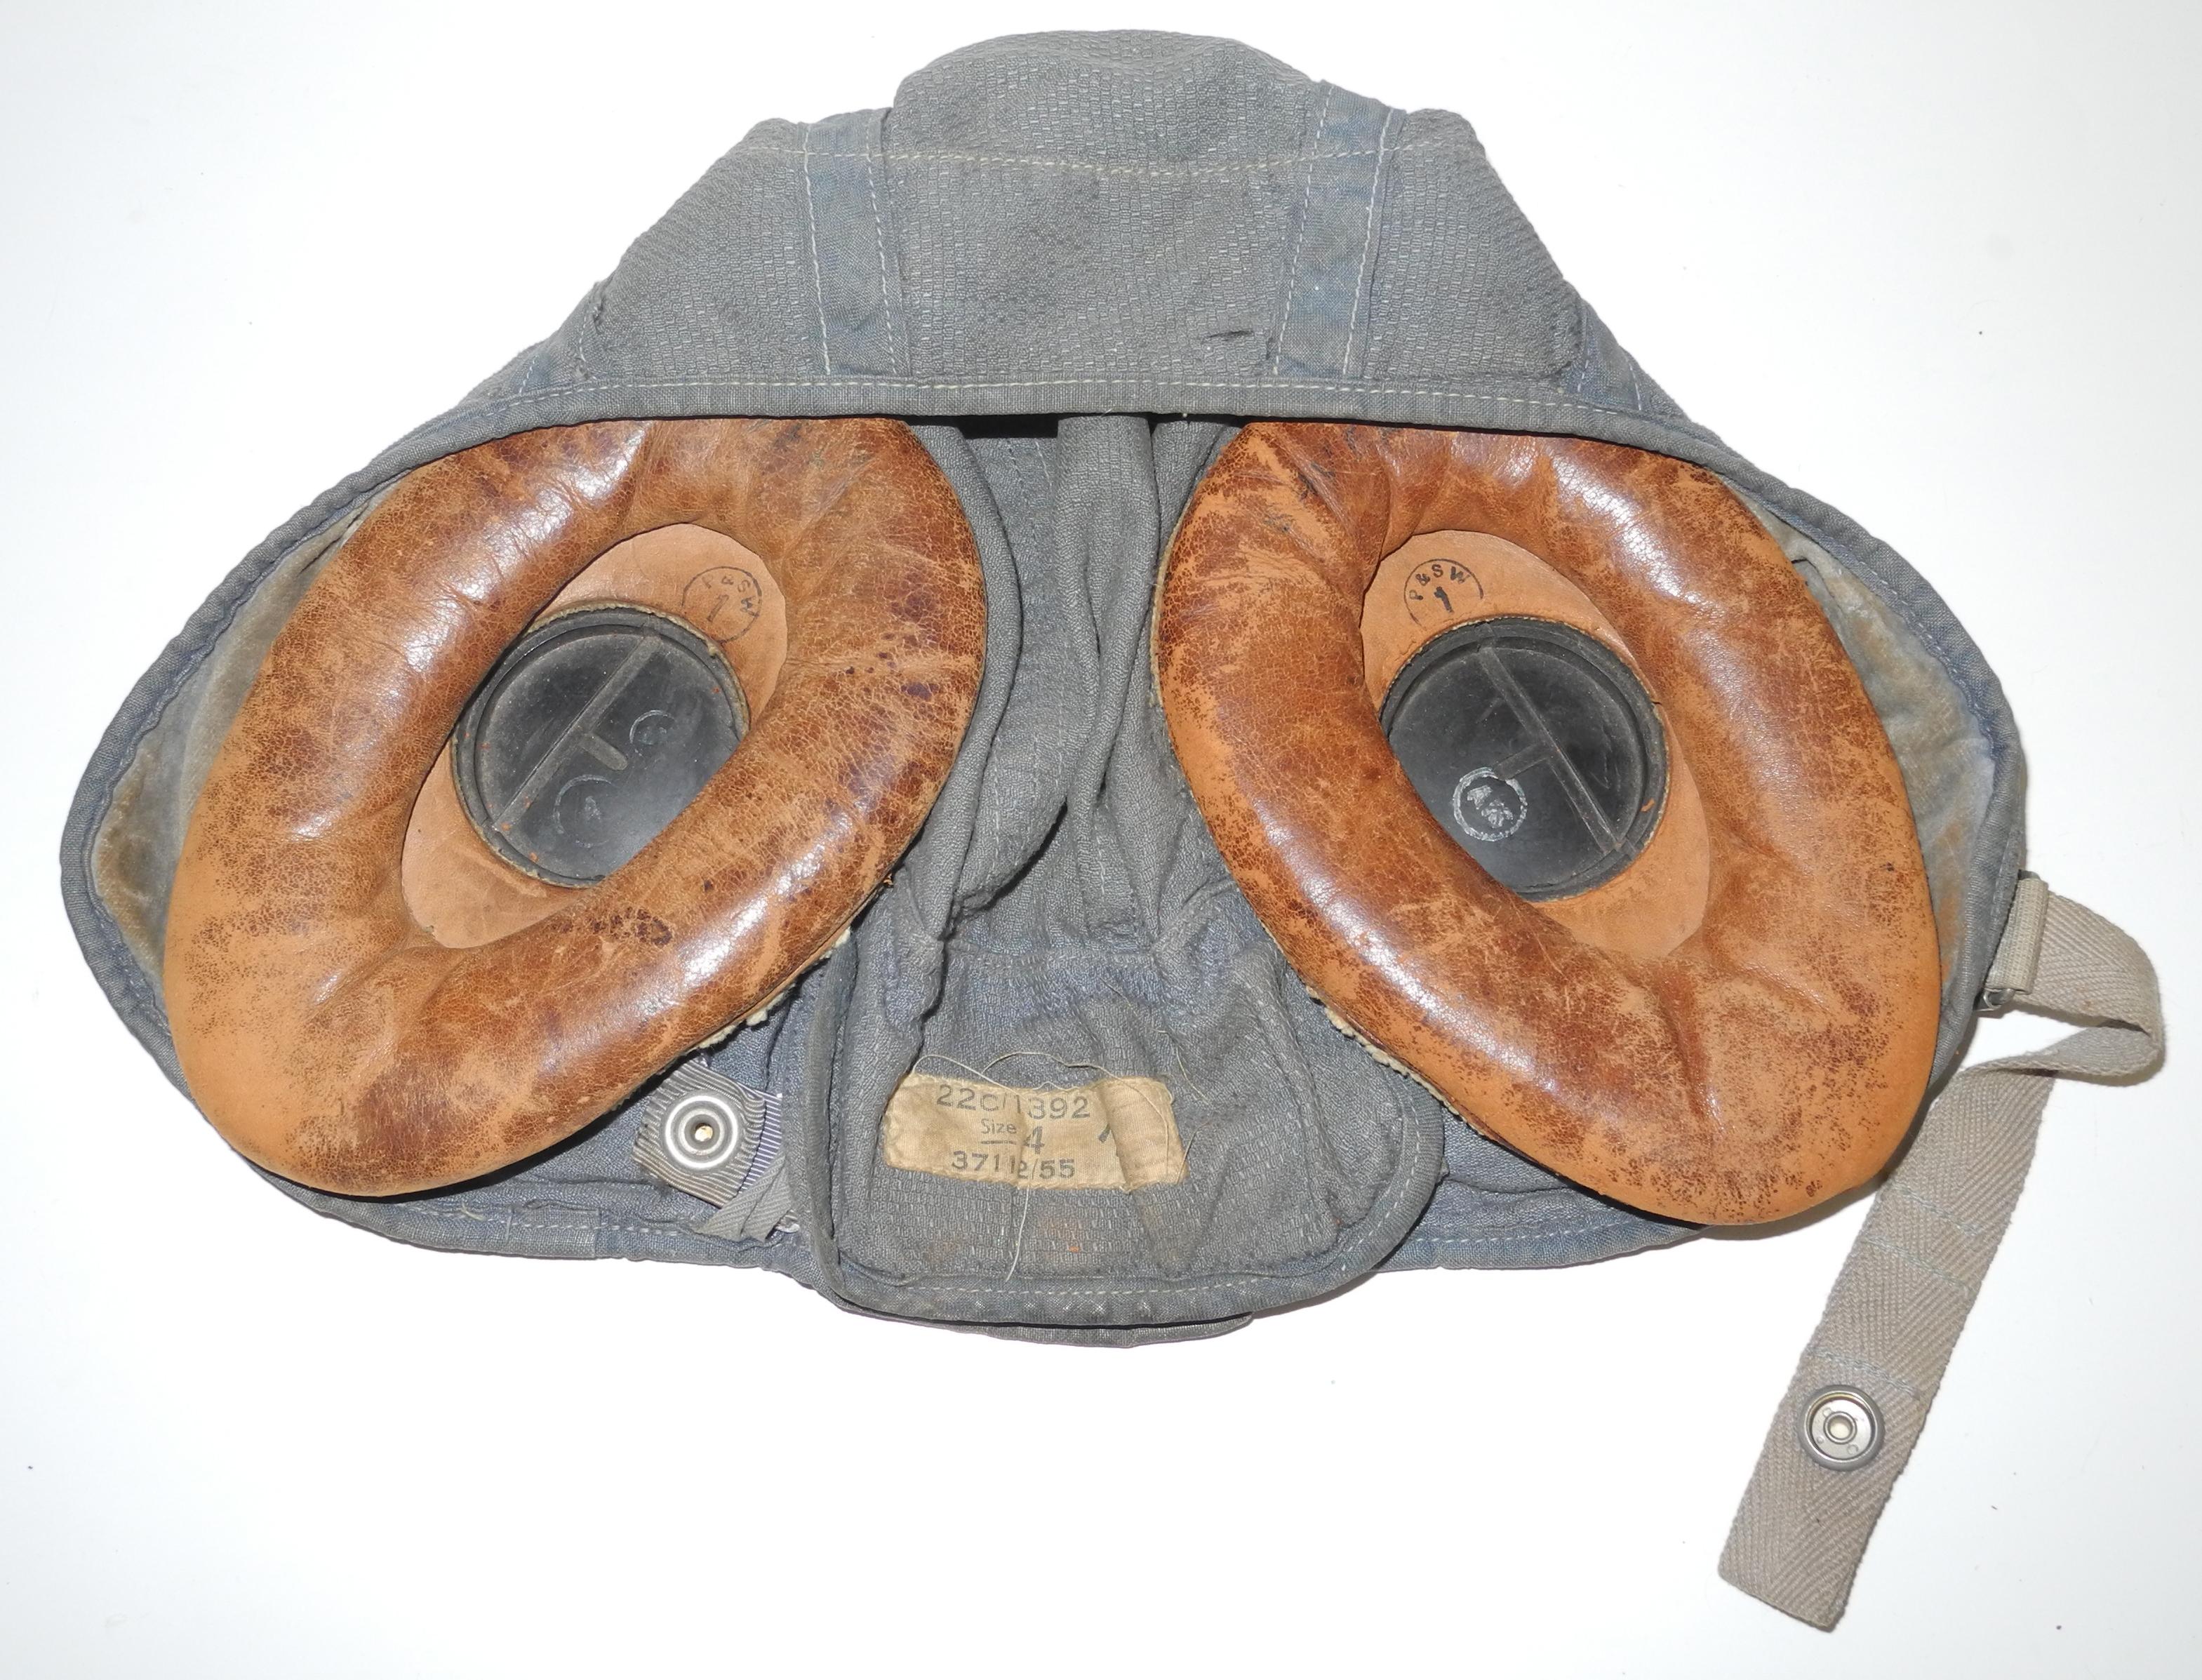 RAF Type F Flying Helmet - size 42